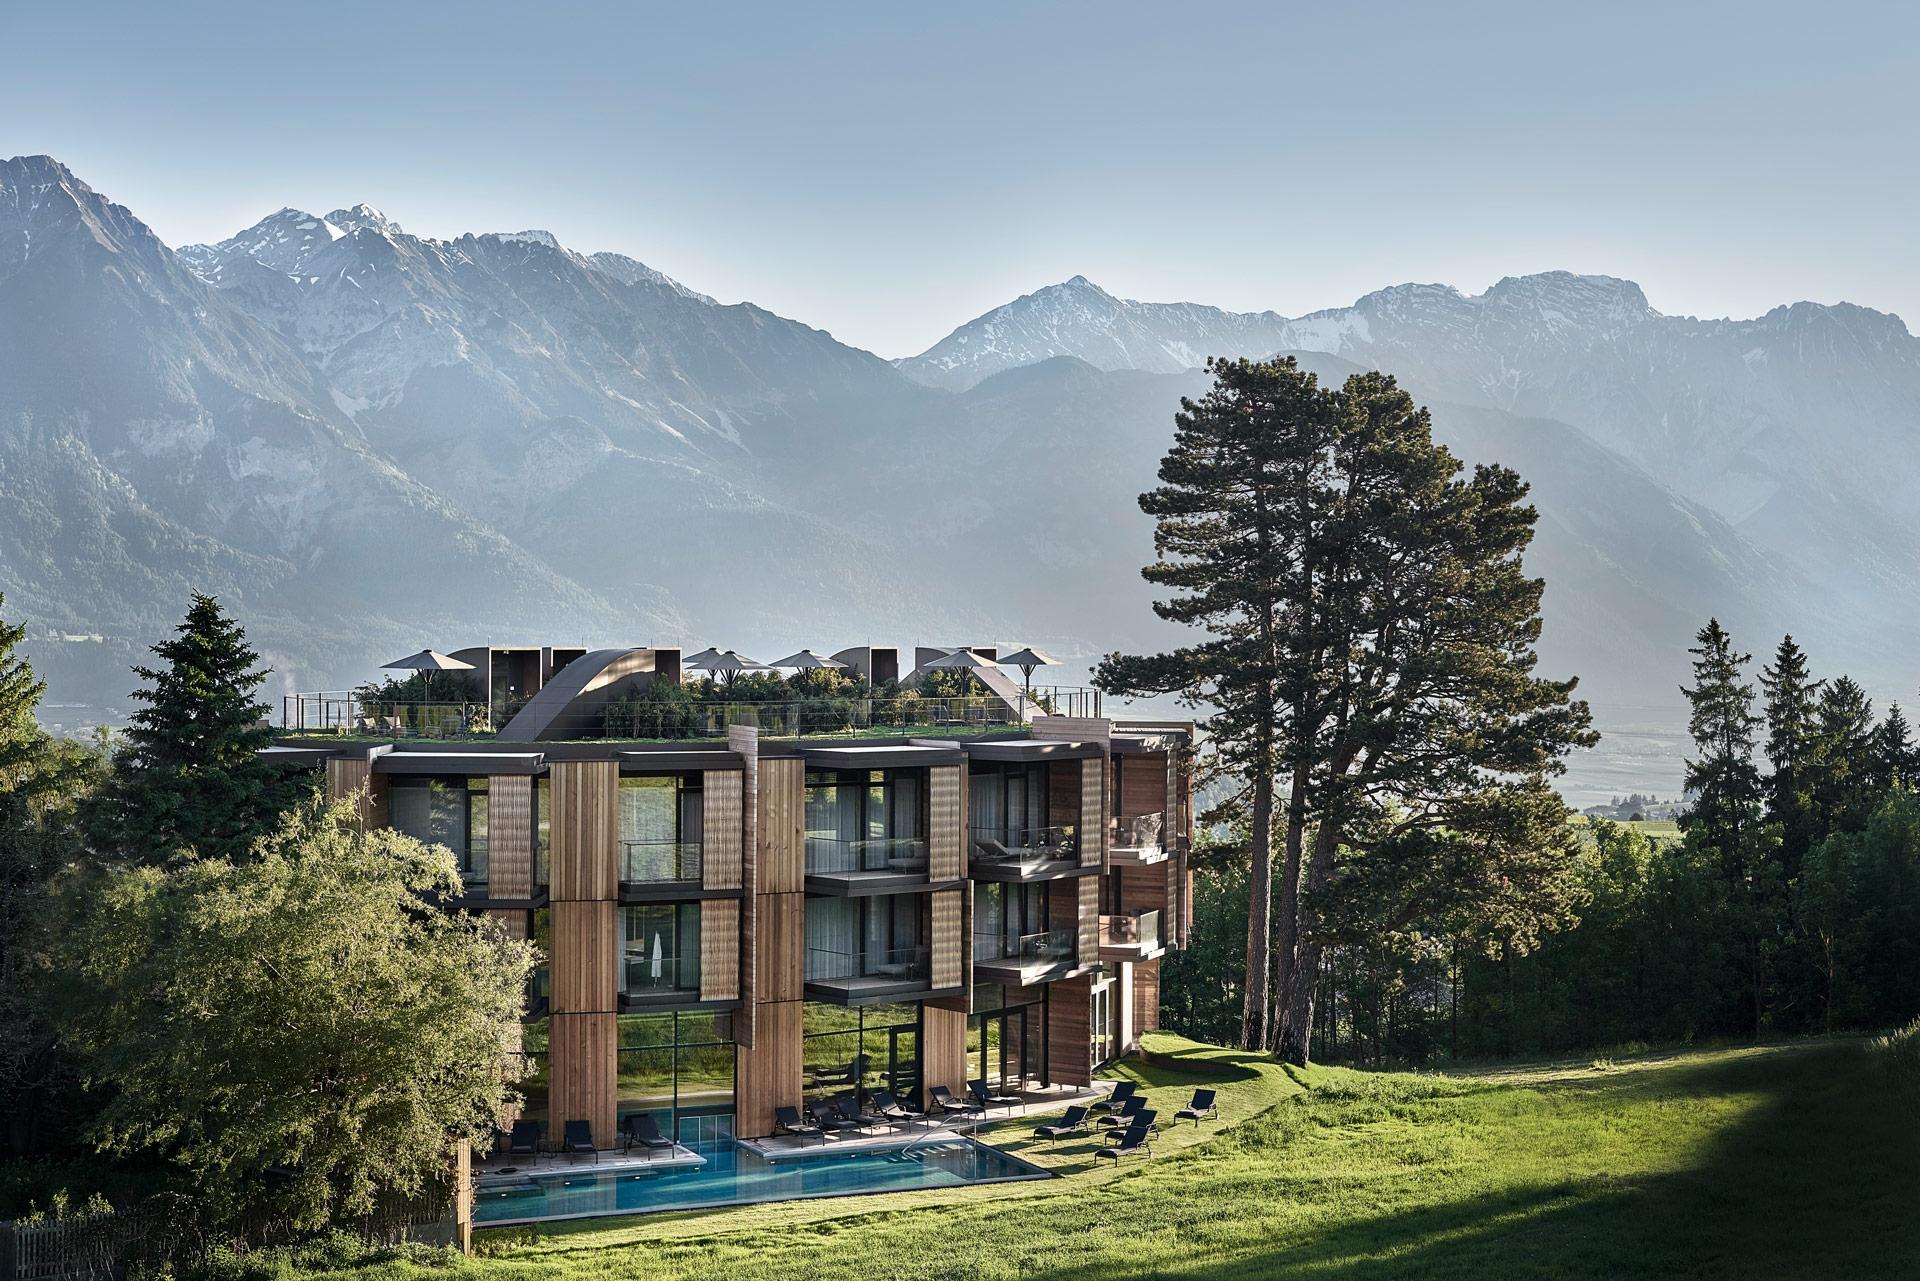 Outdoorpool des Lanserhof Lans mit Blick auf die Berge